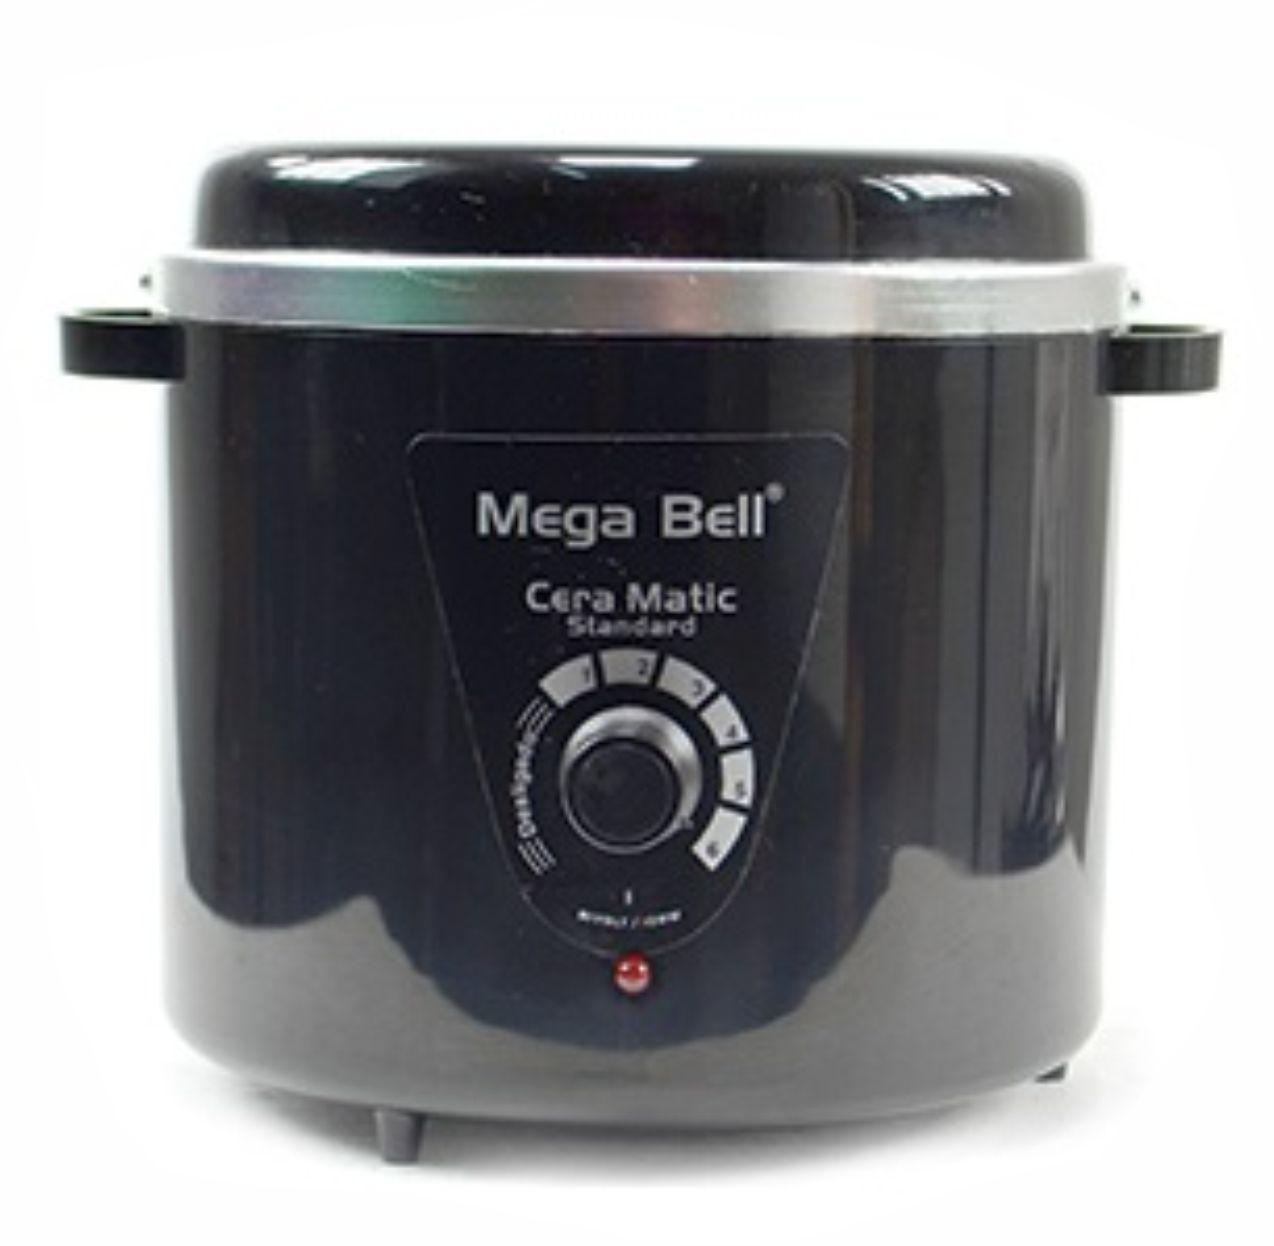 Termocera Aquecedor de Cera Standard 700g Bivolt Mega Bell - Cor Preta